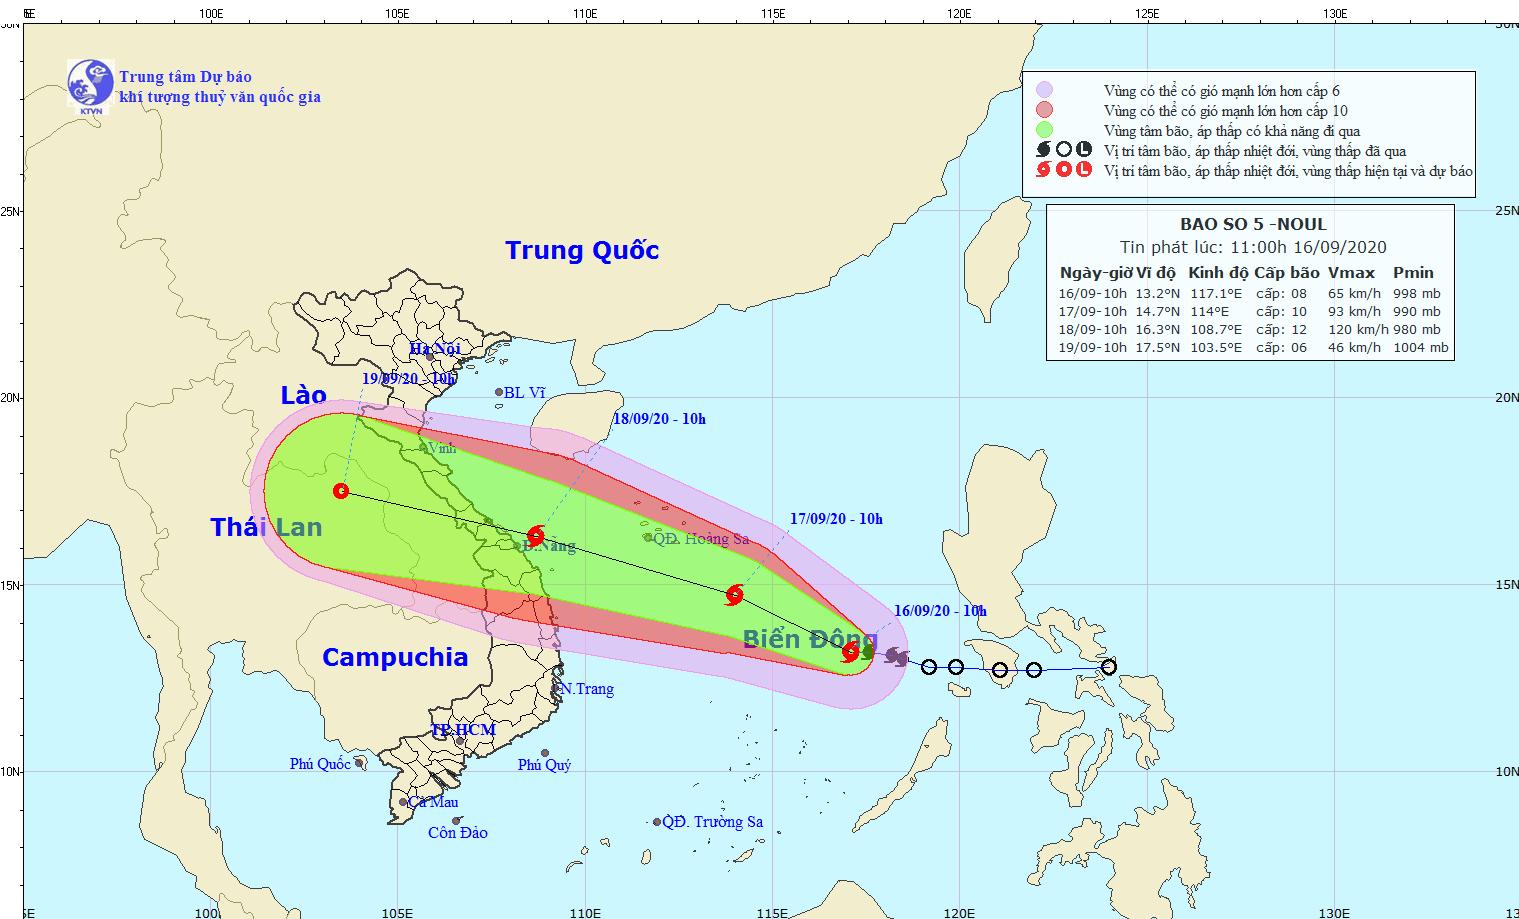 tropical storm noul heading towards central vietnam